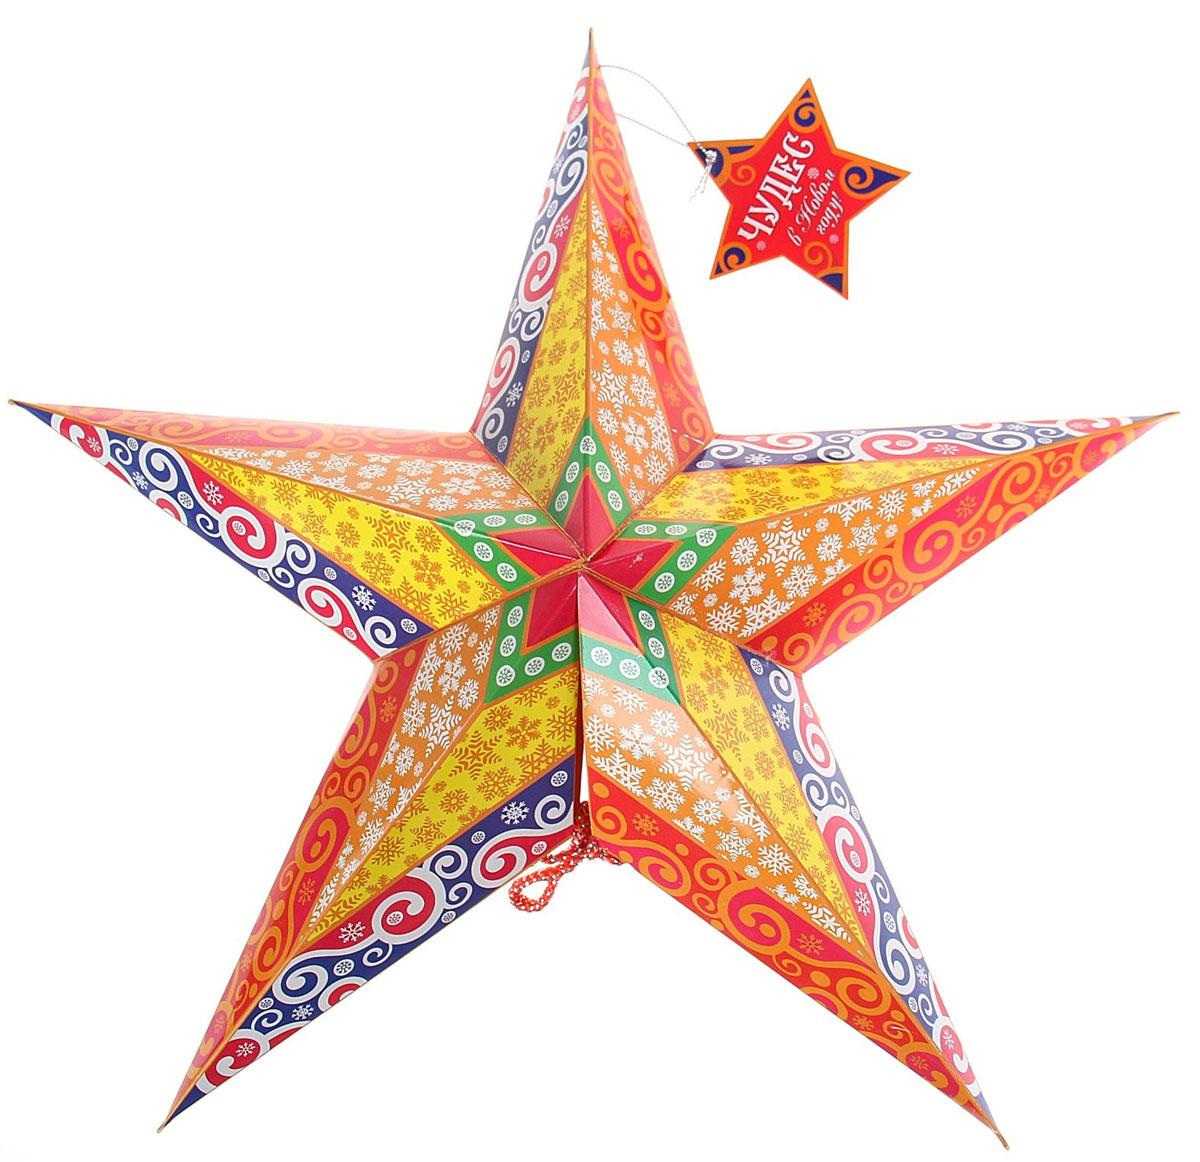 Новогоднее подвесное украшение Sima-land Звезда. Чудес в Новом году!, 45 х 45 х 17 см1117837Подвесное украшение Sima-land Звезда. Чудес в Новом году!, выполненное из картона, прекрасно подойдет для праздничного декора интерьера. С помощью специального шнурка его можно повесить в любом понравившемся вам месте. Новогодние украшения несут в себе волшебство и красоту праздника. Они помогут вам украсить дом к предстоящим праздникам и оживить интерьер по вашему вкусу. Создайте в доме атмосферу тепла, веселья и радости, украшая его всей семьей.